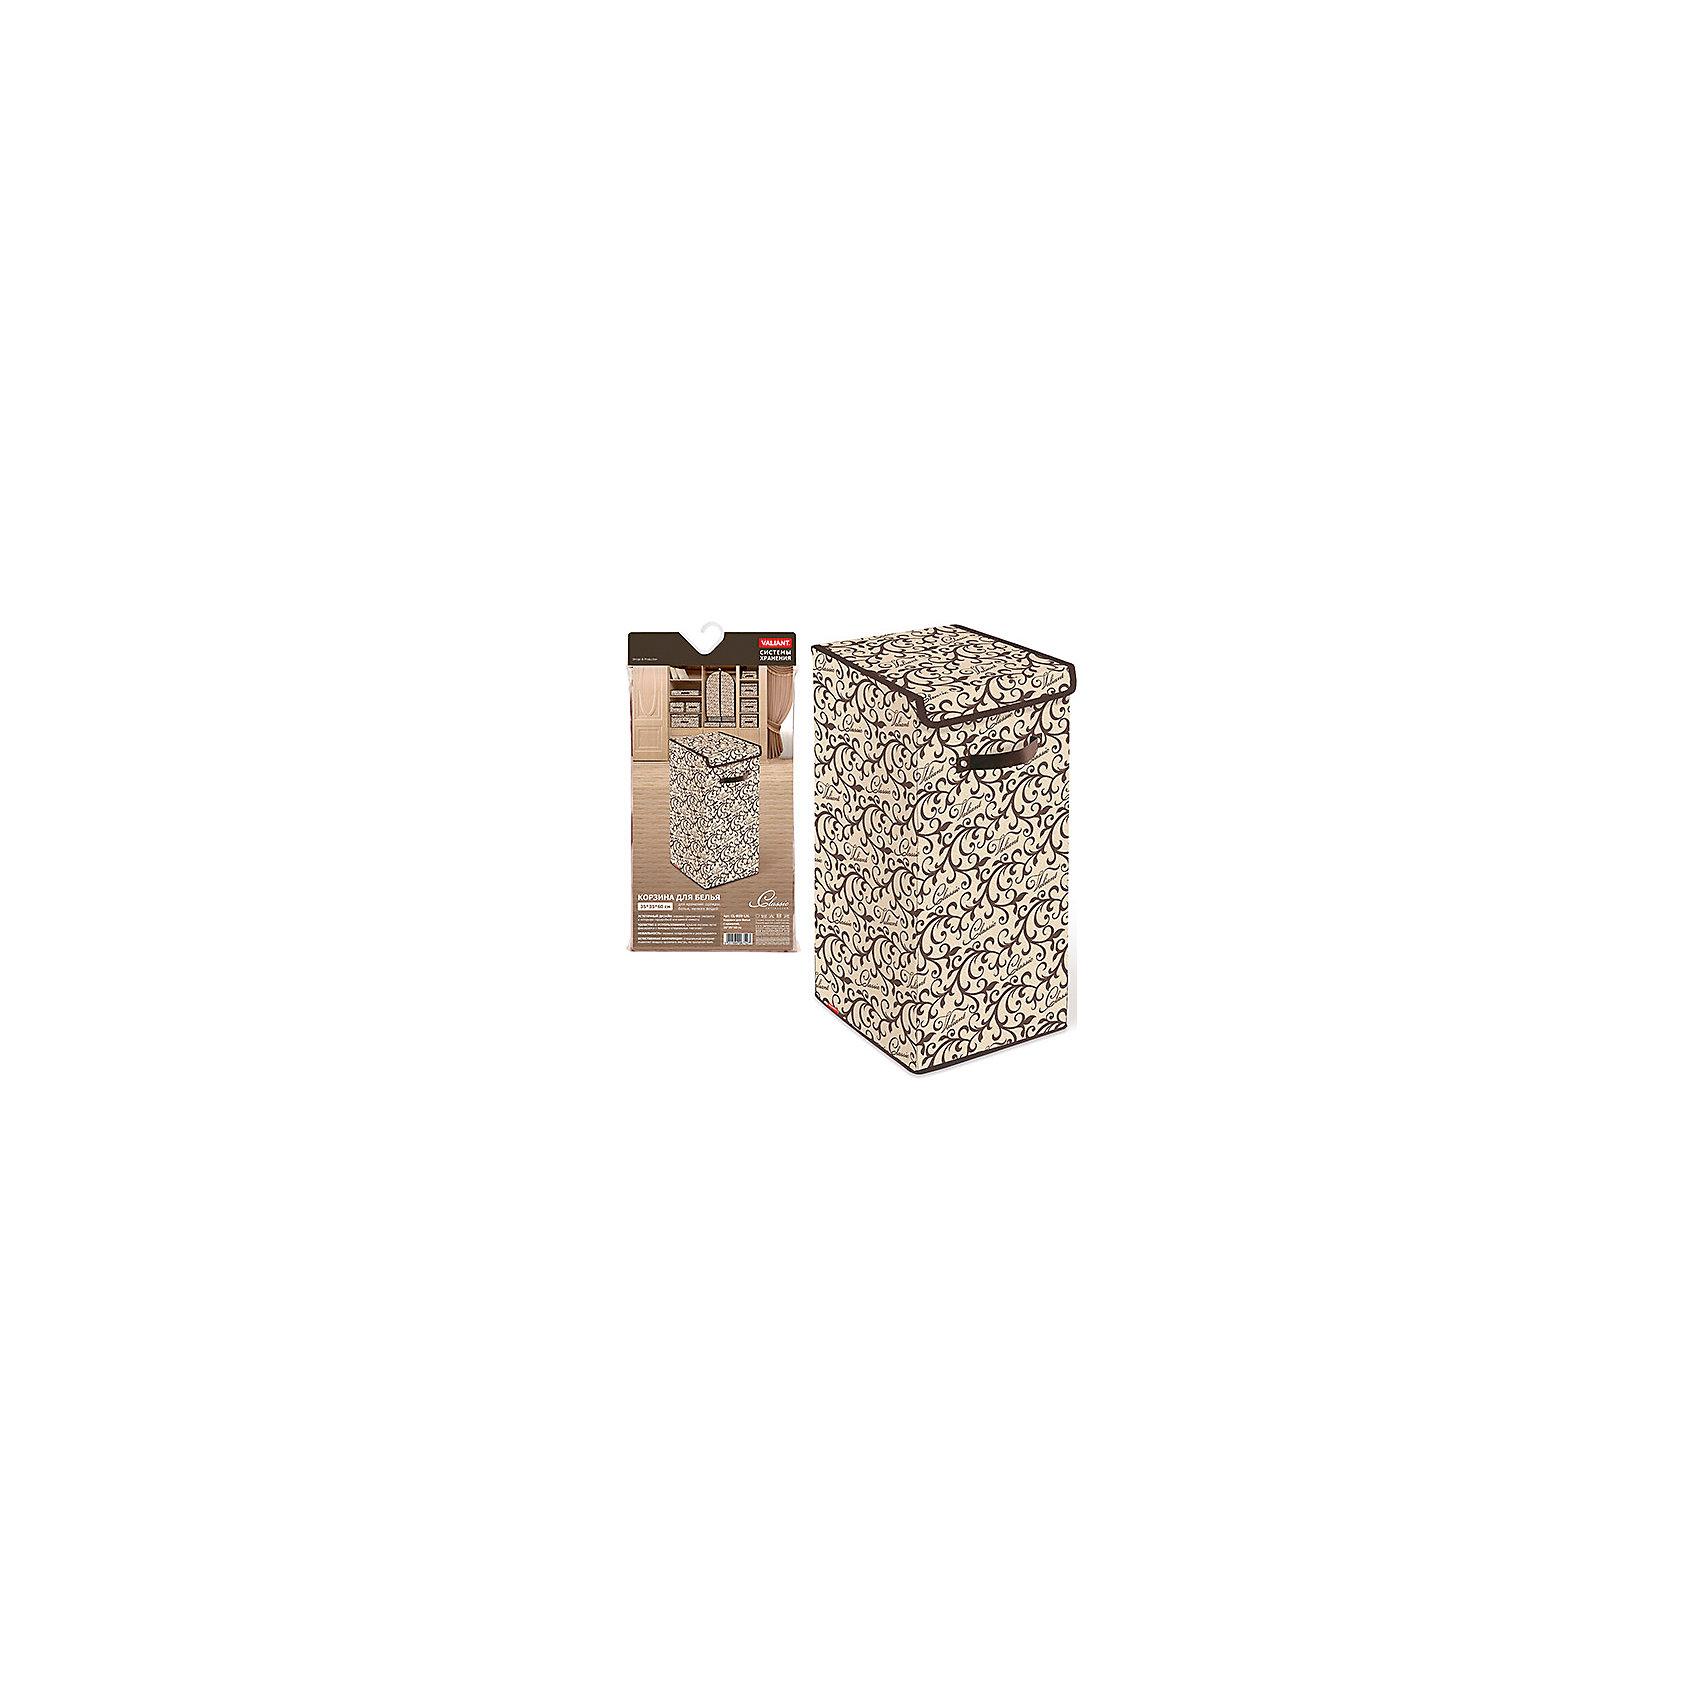 Корзина для белья с крышкой, 35*35*60 см, CLASSIC, ValiantВанная комната<br>Корзина для белья с крышкой, 35*35*60 см, CLASSIC, Valiant (Валиант) – это удобный аксессуар, обеспечивающий эстетичное хранение вещей.<br>Корзина для белья с крышкой CLASSIC от Valiant (Валиант) гармонично смотрится в интерьере гардеробной или ванной комнаты. Она очень удобна и практична. Корзина идеально подойдет для сбора и хранения вещей перед стиркой. Она изготовлена из высококачественного нетканого материала, который обеспечивает естественную вентиляцию, позволяя воздуху проникать внутрь, но не пропускает пыль. Вставки из плотного картона хорошо держат форму. Крышка корзины фиксируется с помощью специальных магнитов. Наличие ручки позволяет легко перемещать корзину. Изделие отличается мобильностью: легко раскладывается и складывается. Изысканный дизайн придется по вкусу ценителям классического стиля. Специально для CLASSIC Collection дизайнеры Valiant (Валиант) разработали фирменный классический вензель. Изысканный узор, гармония изящных линий и благородное сочетание цветов составляет основу элегантного дизайна CLASSIC Collection.<br><br>Дополнительная информация:<br><br>- Размер: 35х35х60 см.<br>- Материал: нетканый материал, картон<br>- Цвет: коричневый, бежевый<br><br>Корзину для белья с крышкой, 35*35*60 см, CLASSIC, Valiant (Валиант) можно купить в нашем интернет-магазине.<br><br>Ширина мм: 350<br>Глубина мм: 25<br>Высота мм: 710<br>Вес г: 1525<br>Возраст от месяцев: 36<br>Возраст до месяцев: 1080<br>Пол: Унисекс<br>Возраст: Детский<br>SKU: 4993407